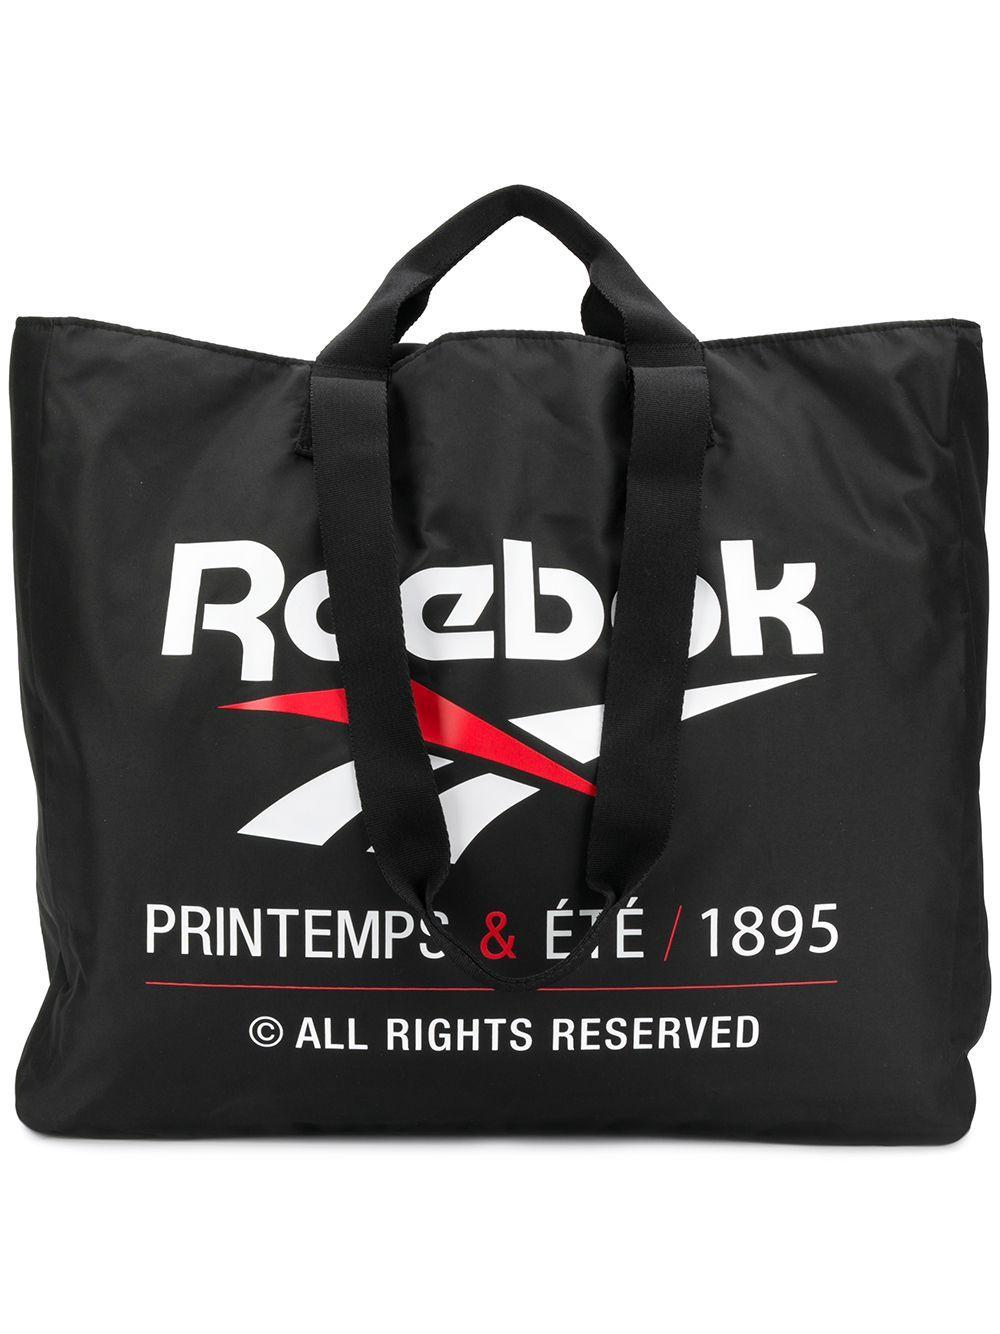 REEBOK REEBOK LARGE LOGO SHOPPING TOTE BLACK. #reebok